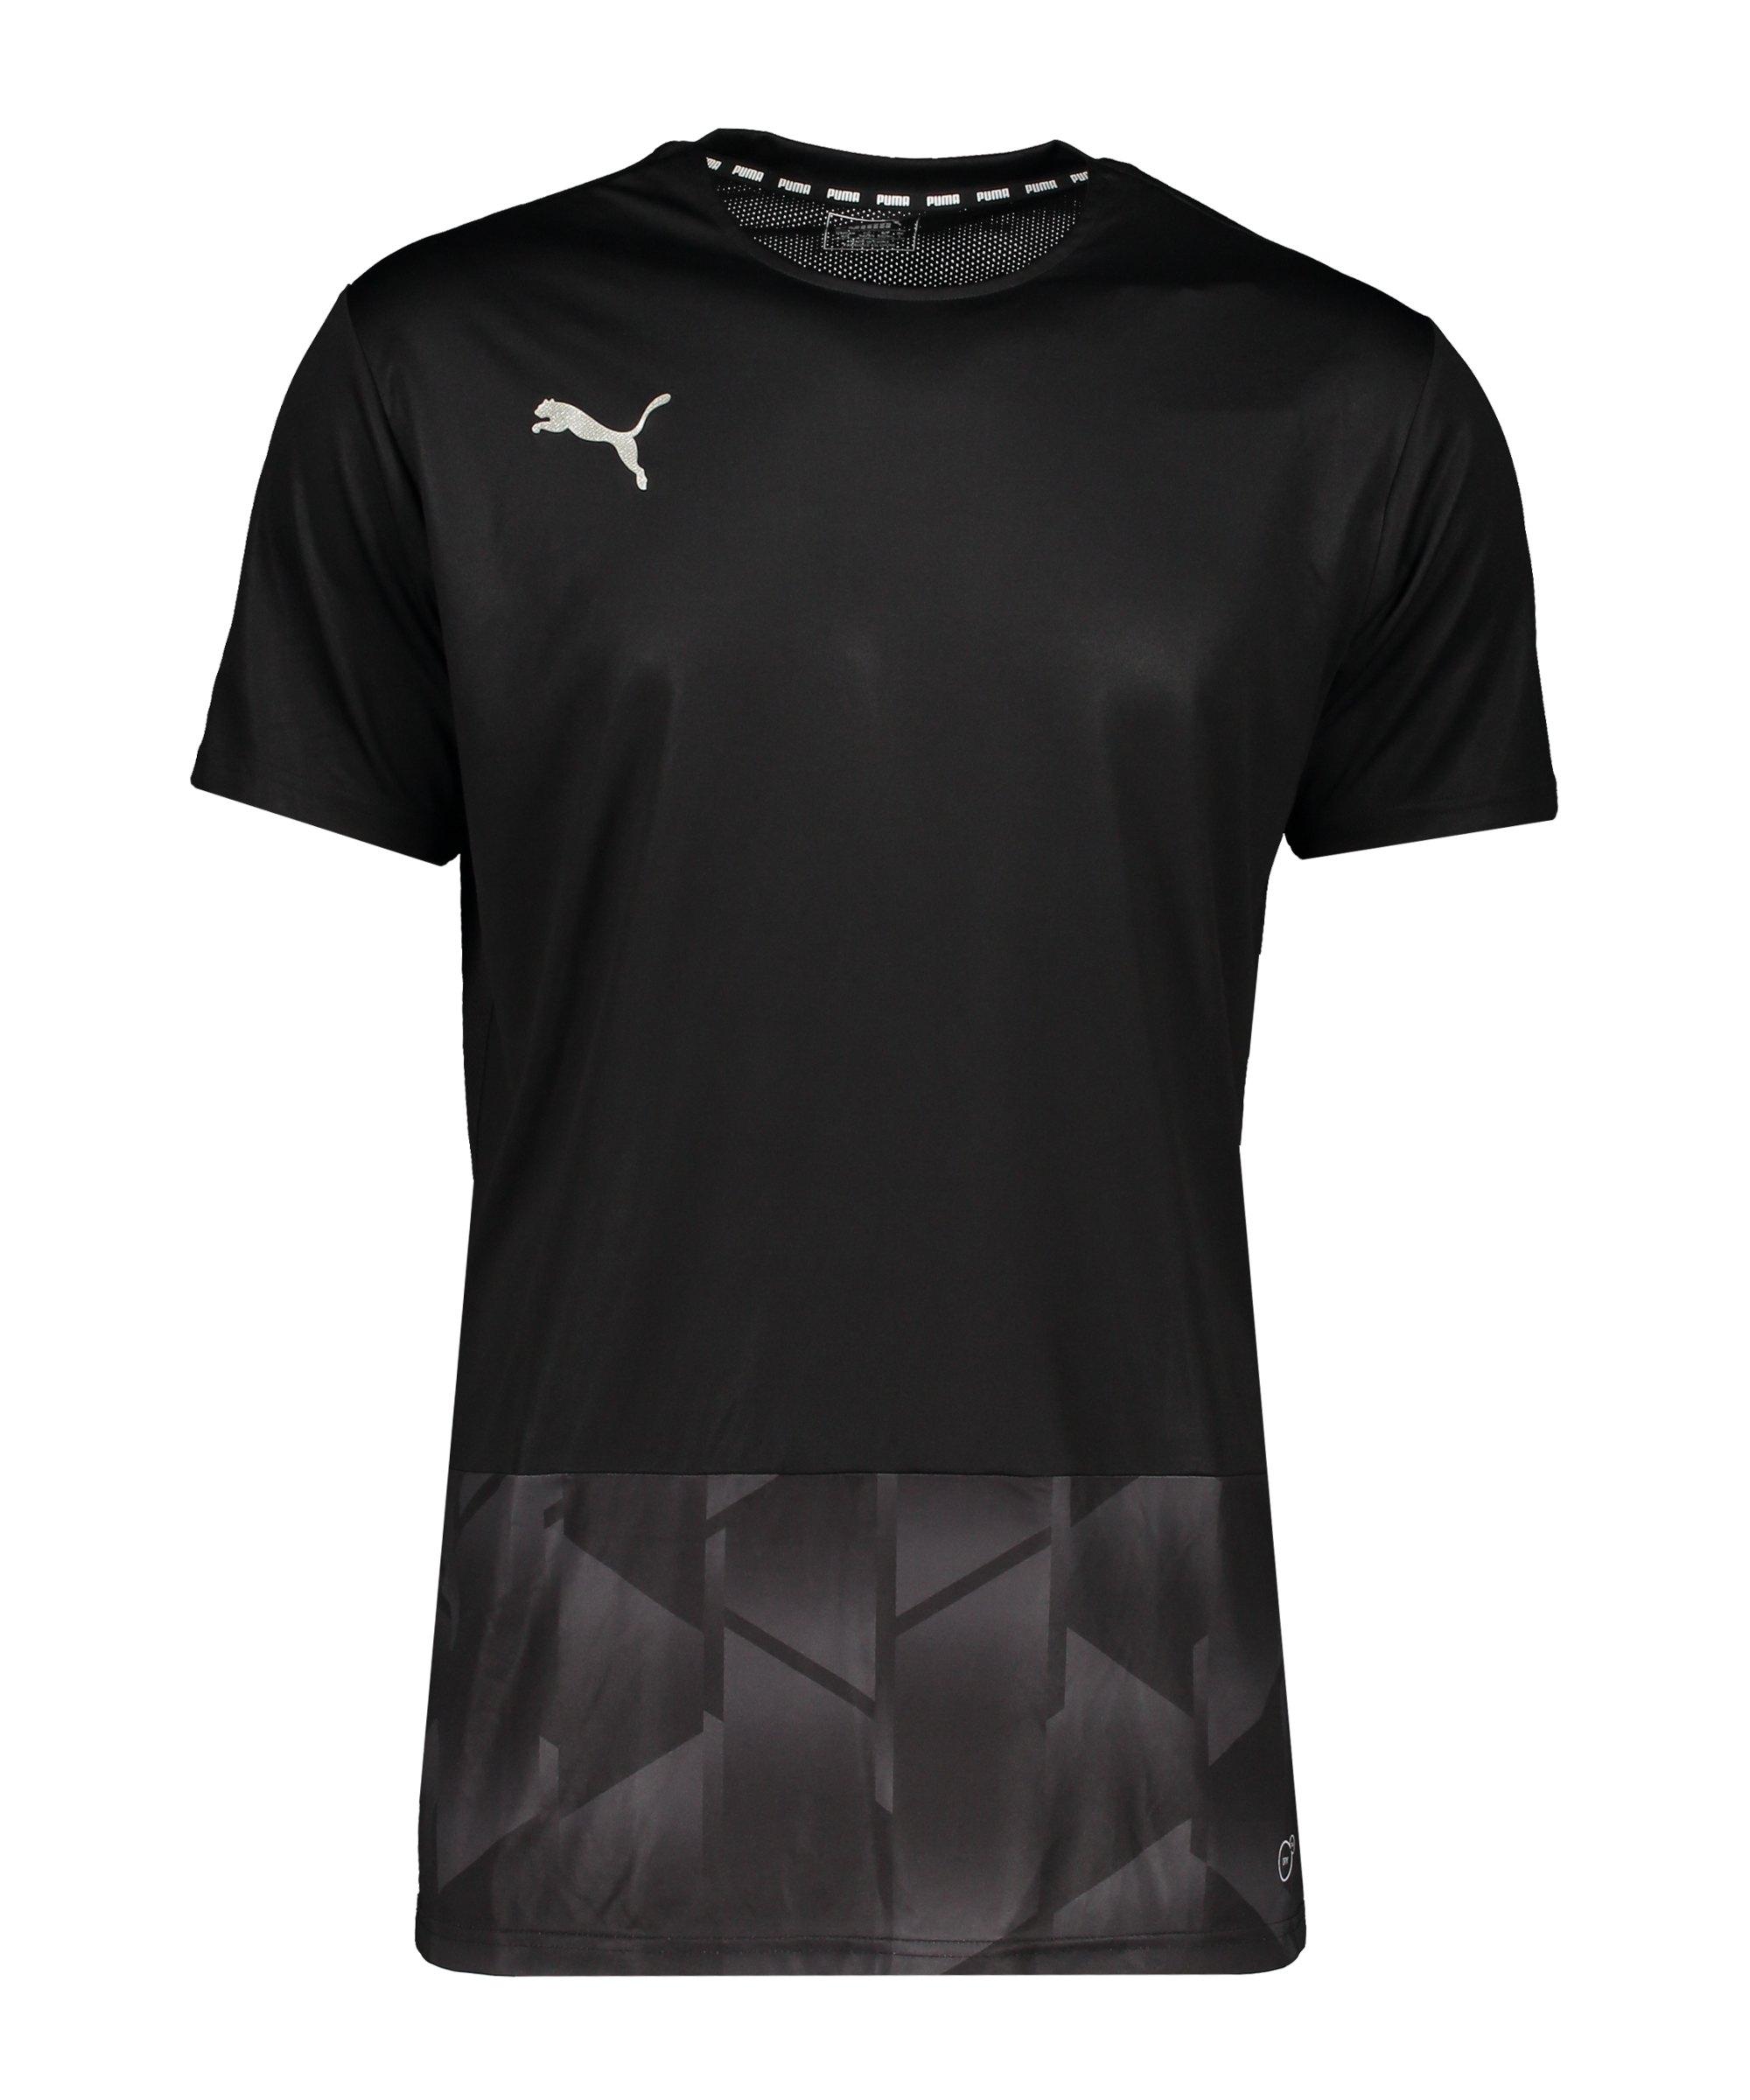 PUMA Football NEXT Graphic T-Shirt Schwarz F01 - schwarz